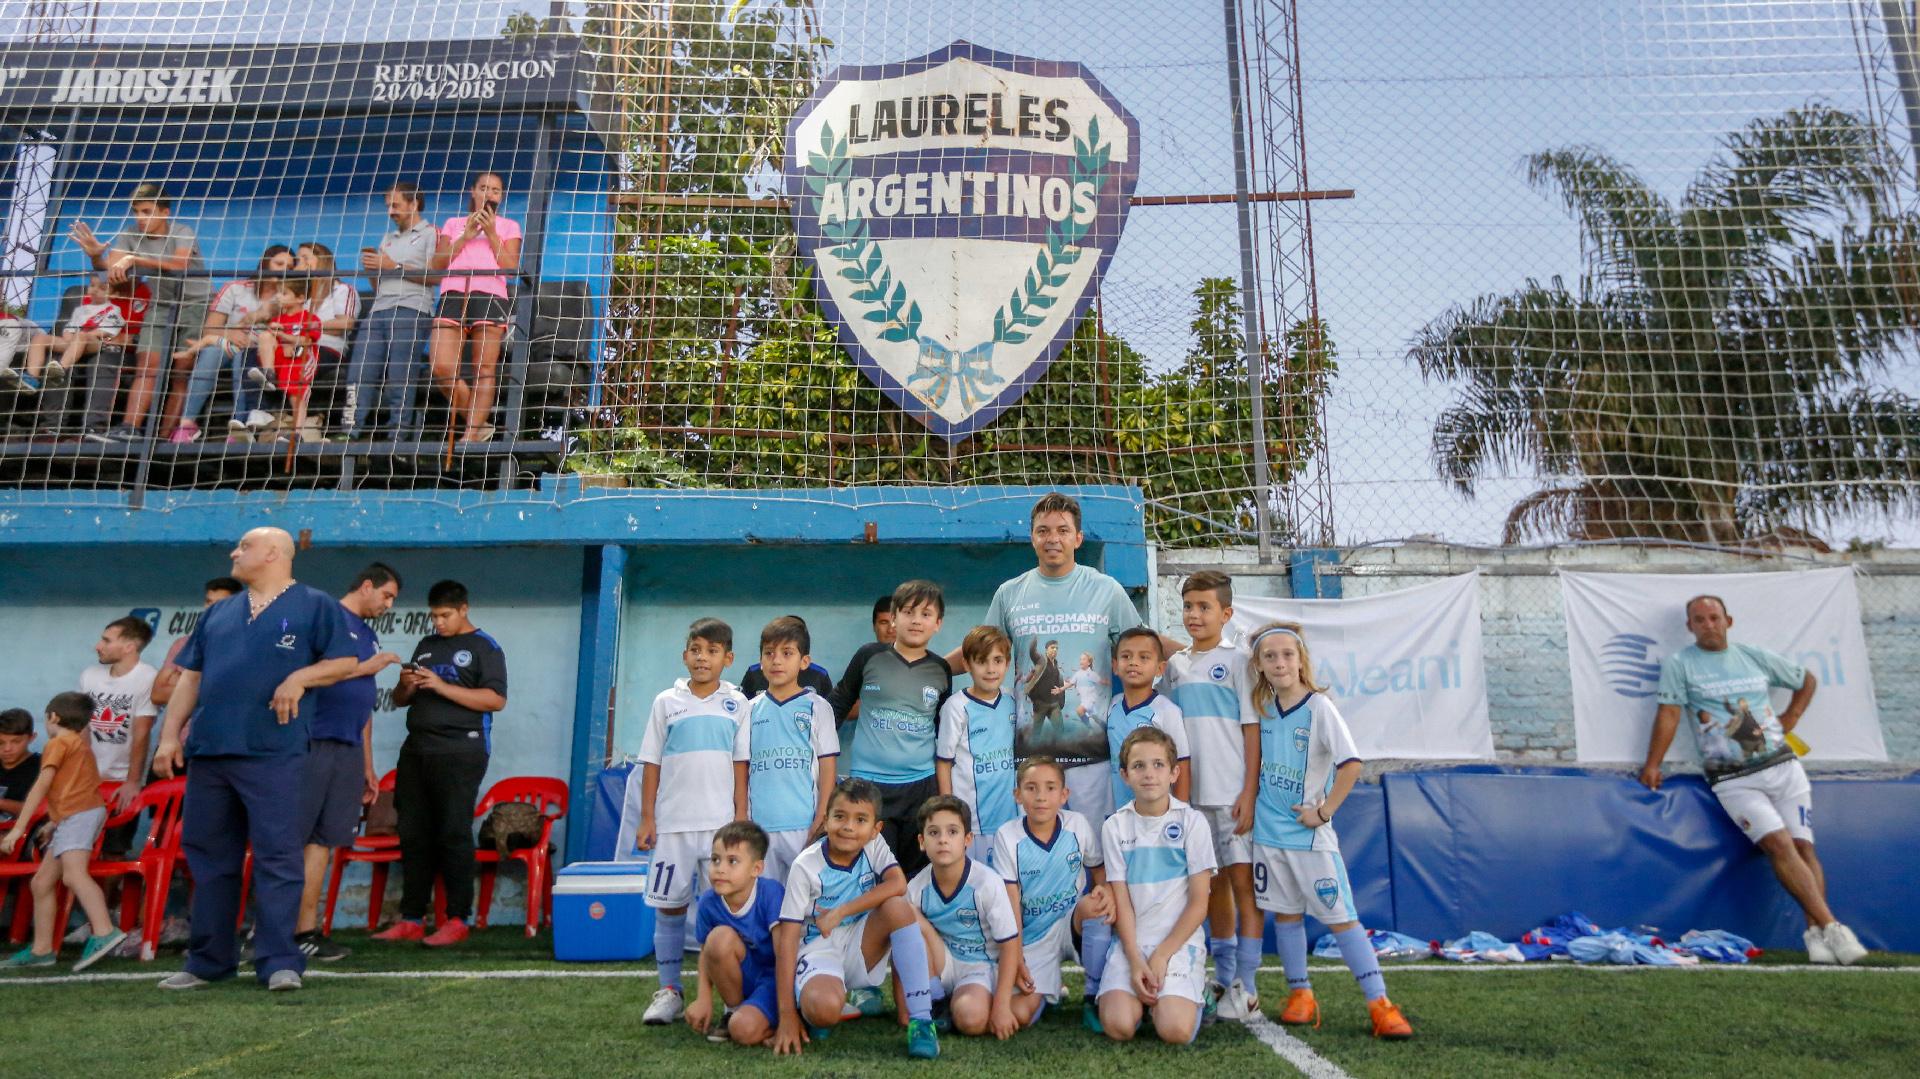 Marcelo Gallardo se hizo presente en un evento en el club Laureles Argentinos de Merlo, a tres cuadras de su casa natal, en el que se recaudaron más de 150.000 pesos